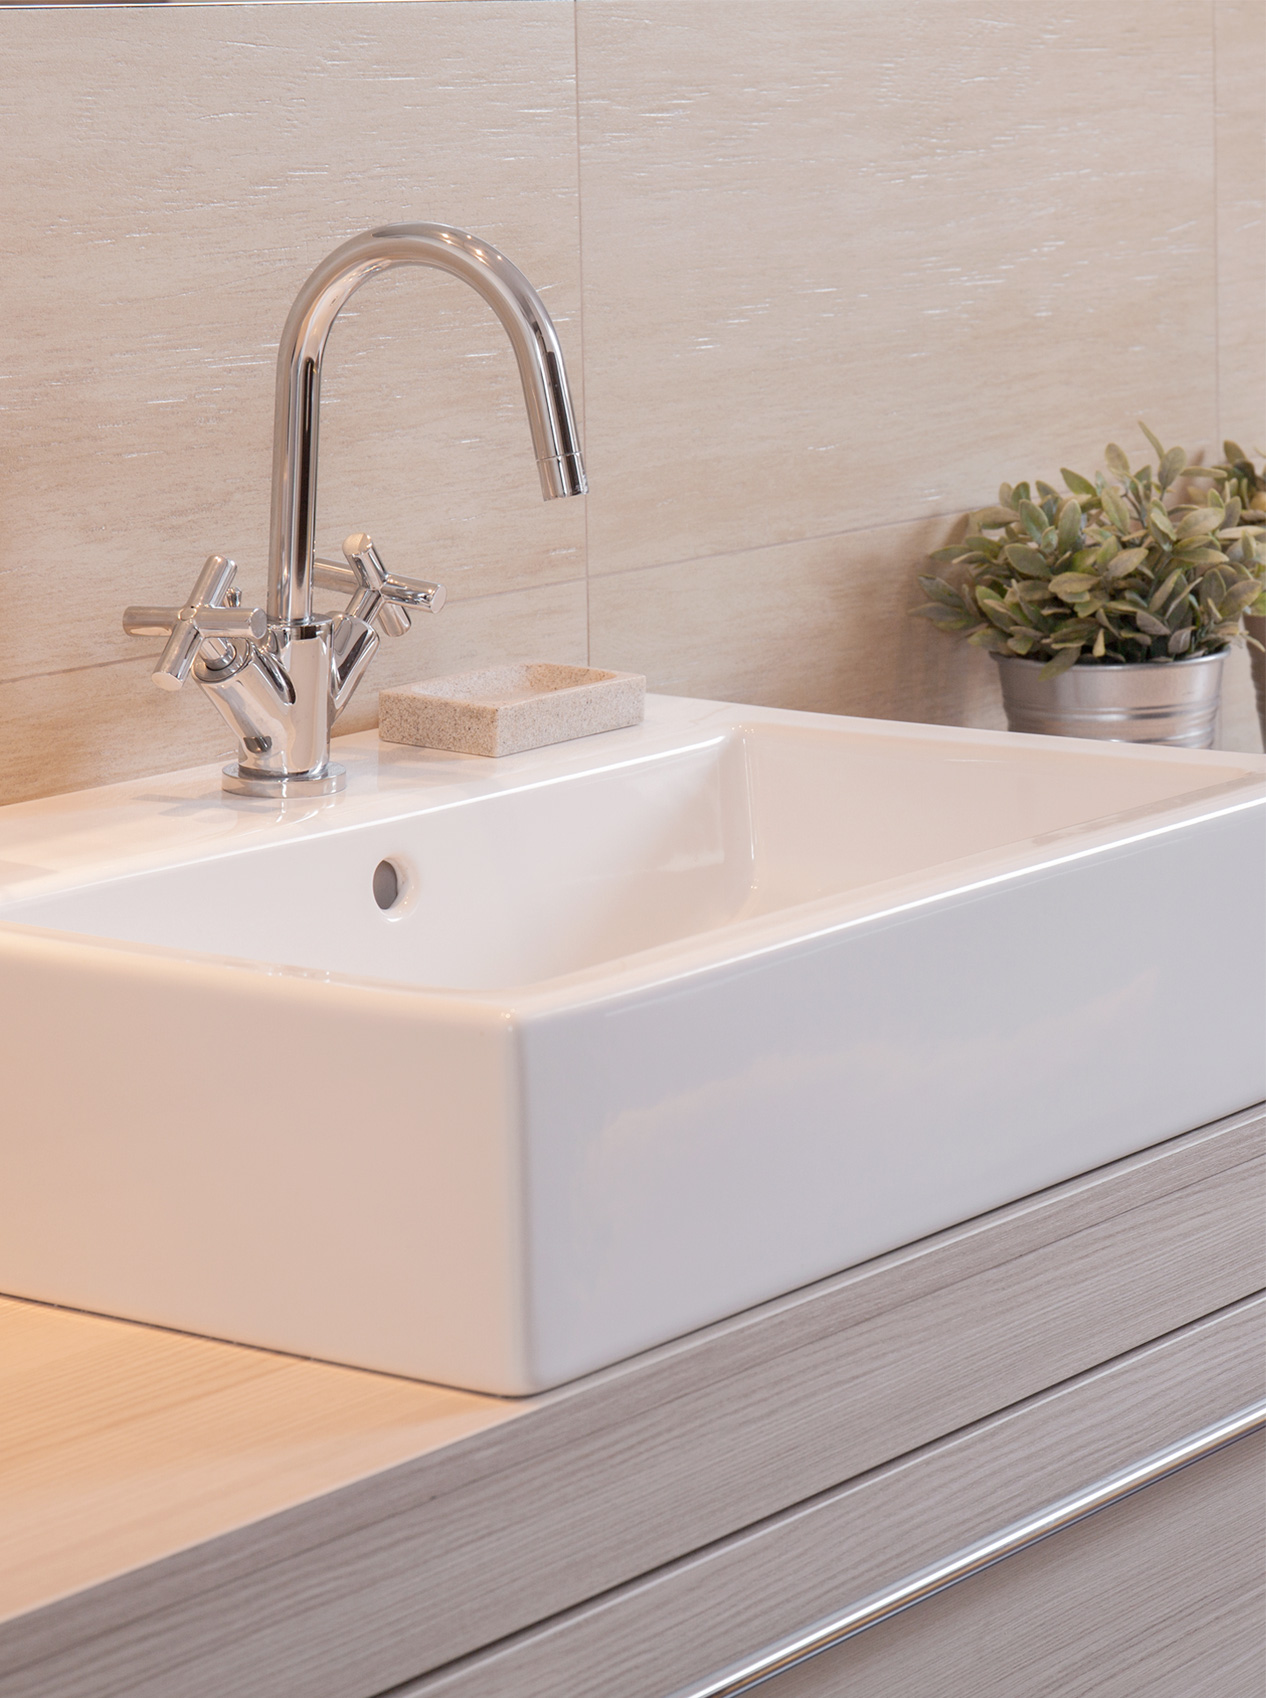 Ledgemark Homes Design sink